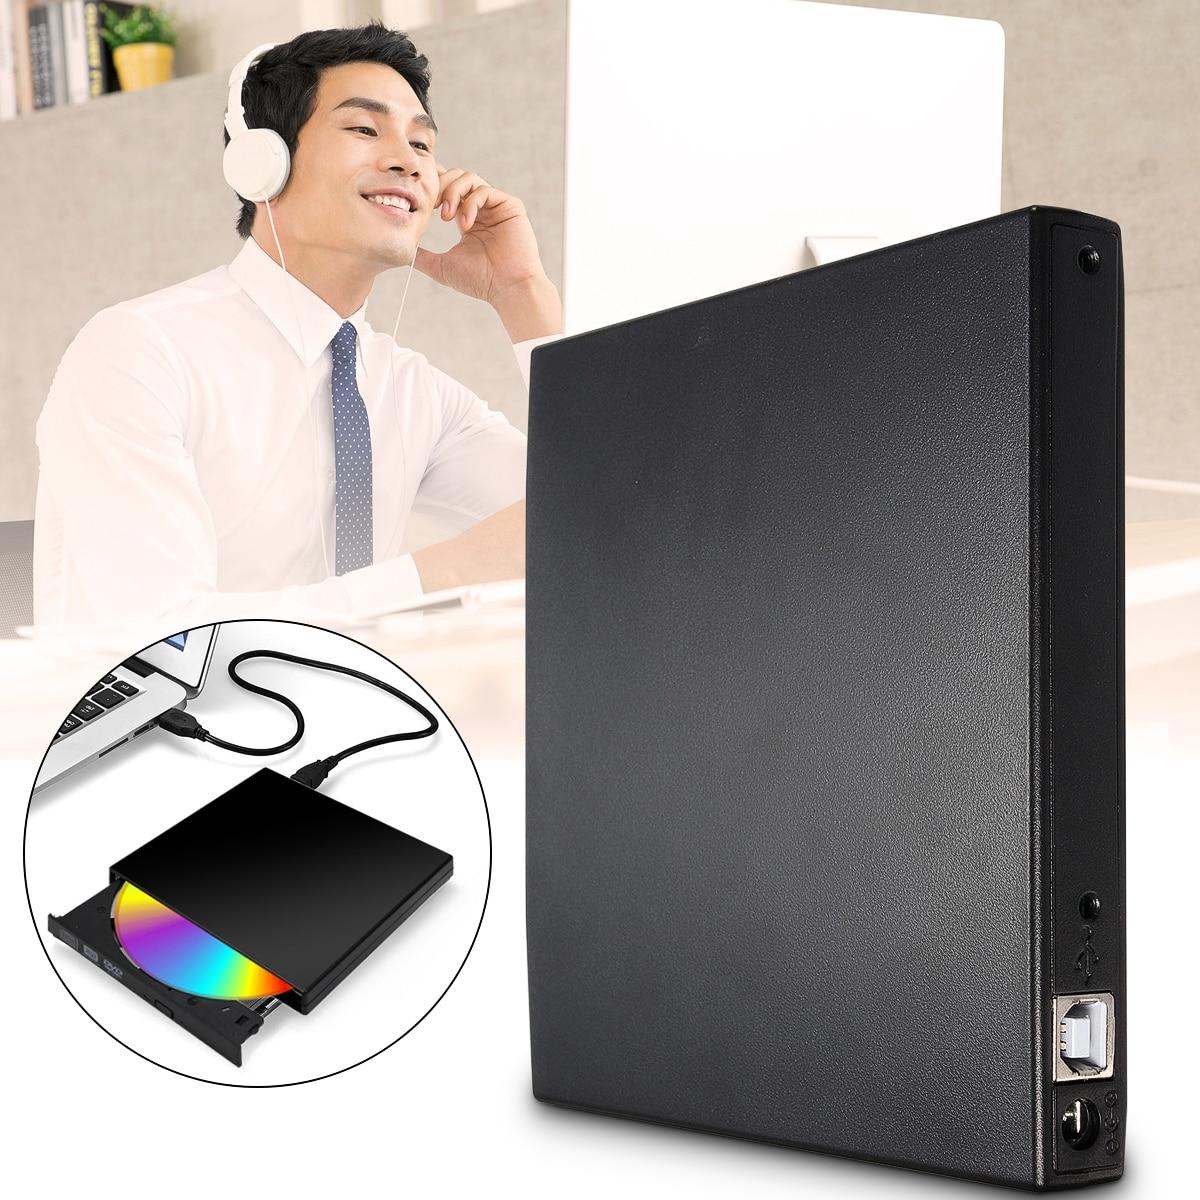 Nova chegada usb 2.0 dvd cd-rom ide capa dvd rw queimador rom unidade caso externo gabinete caddy portátil notebook ide interface